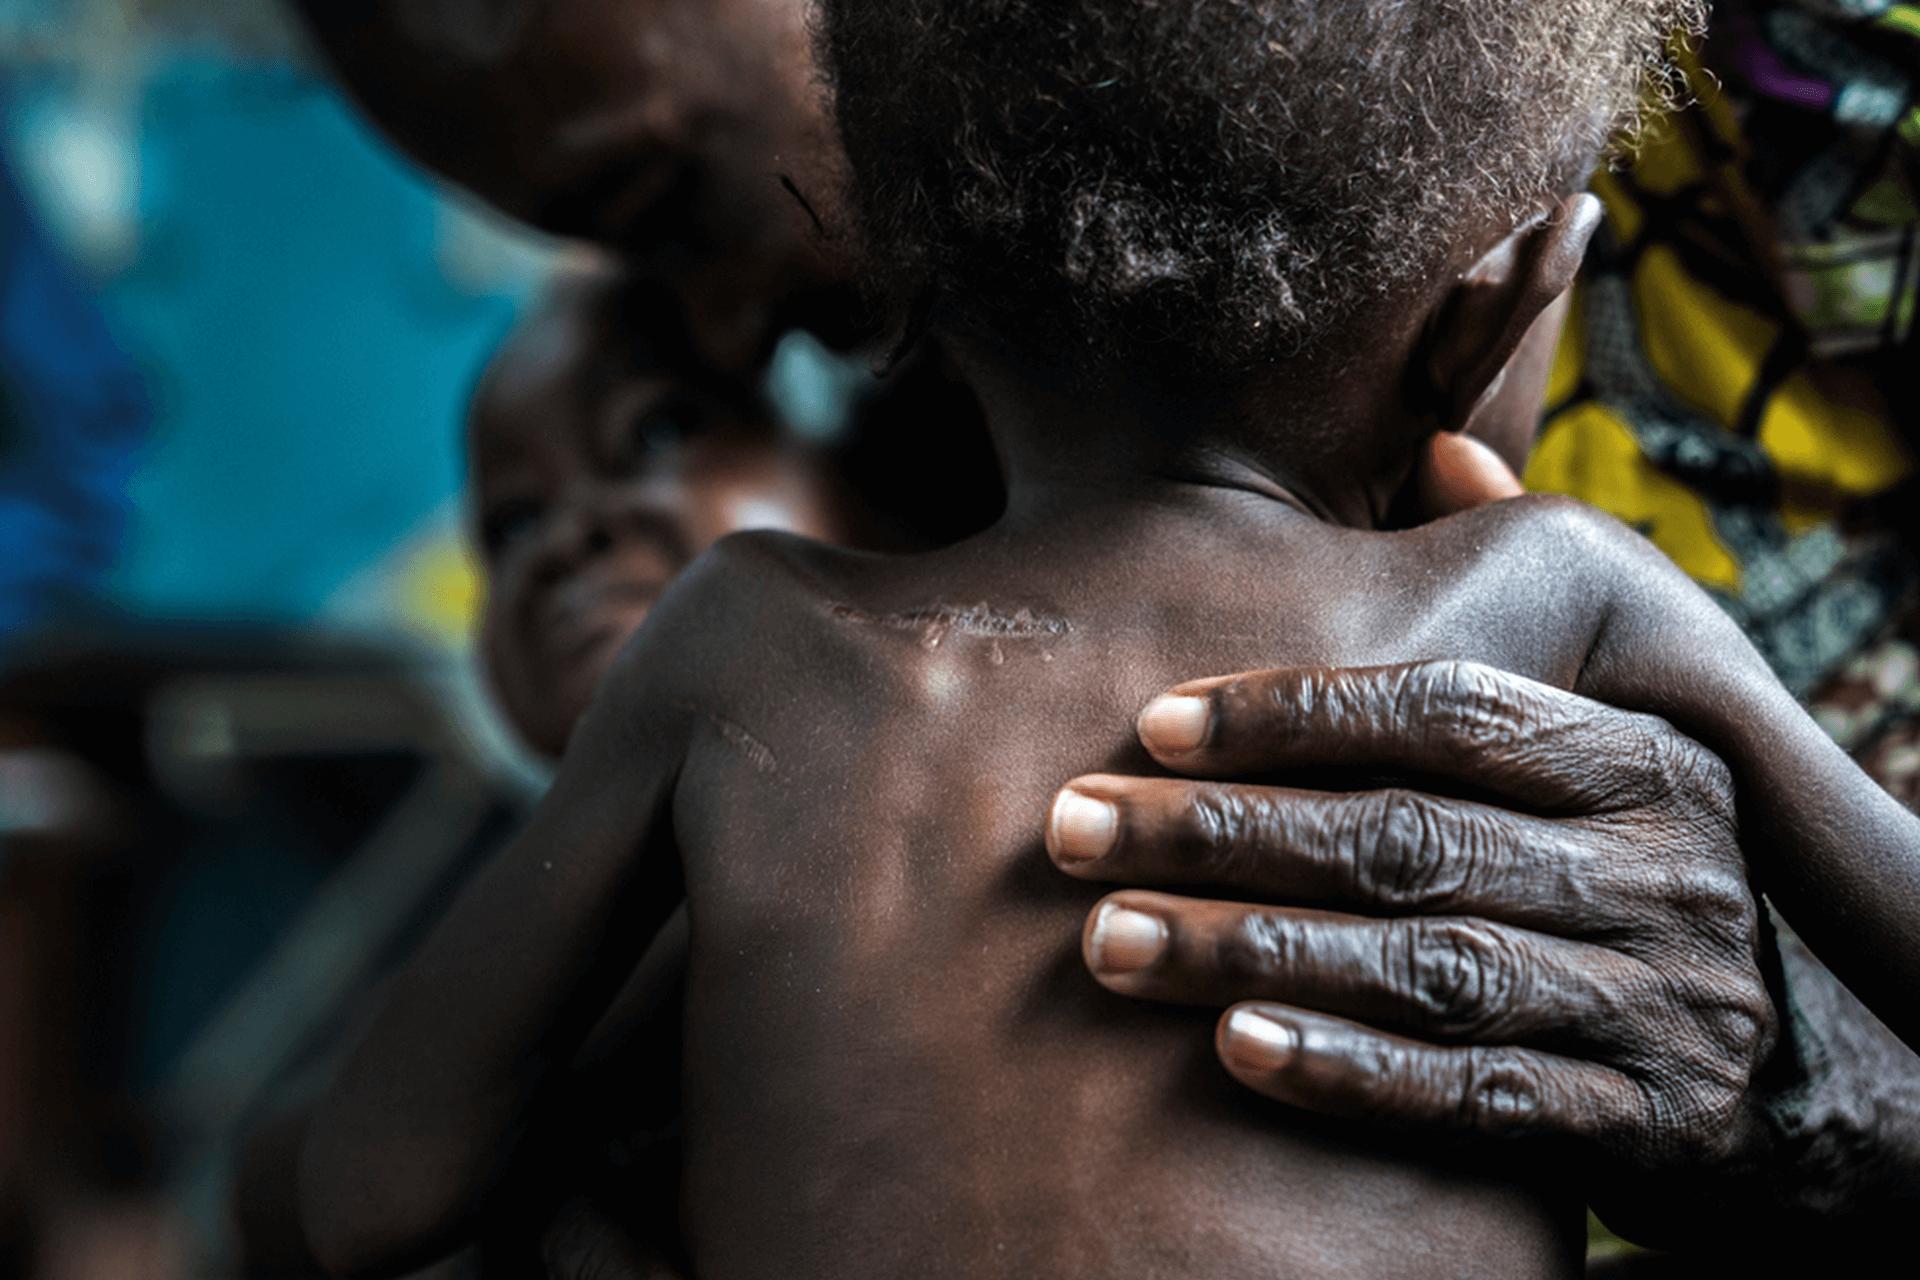 Gêmeos desnutridos de 17 meses trazidos para o centro de saúde de Ditekemena por seus avós.